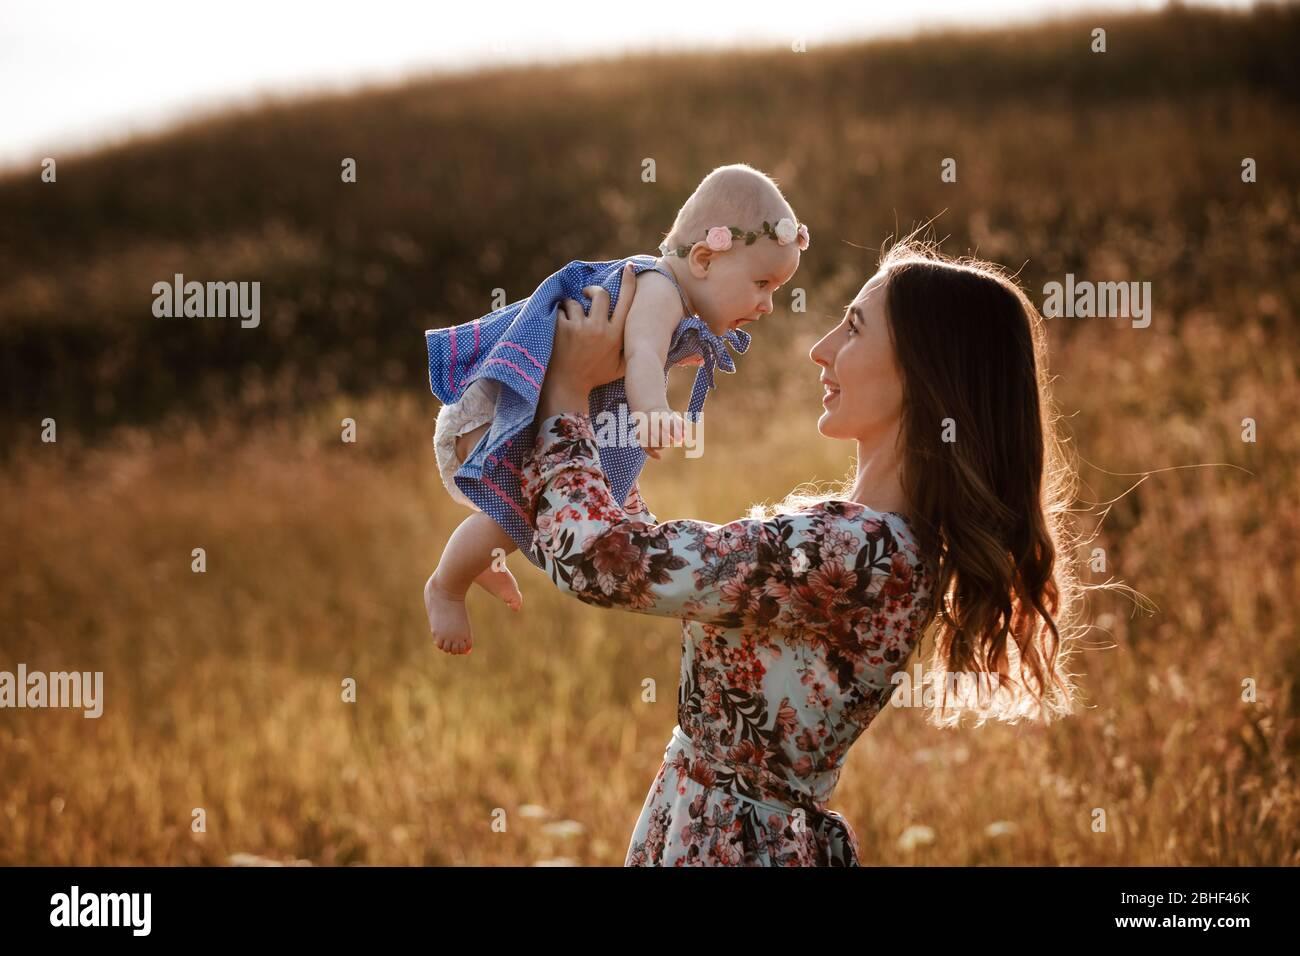 Belle femme lève haut son adorable fille de bébé en plein air et regarde son sourire. Joyeux parent passer du temps à jouer avec sa fille dans le parc à Banque D'Images